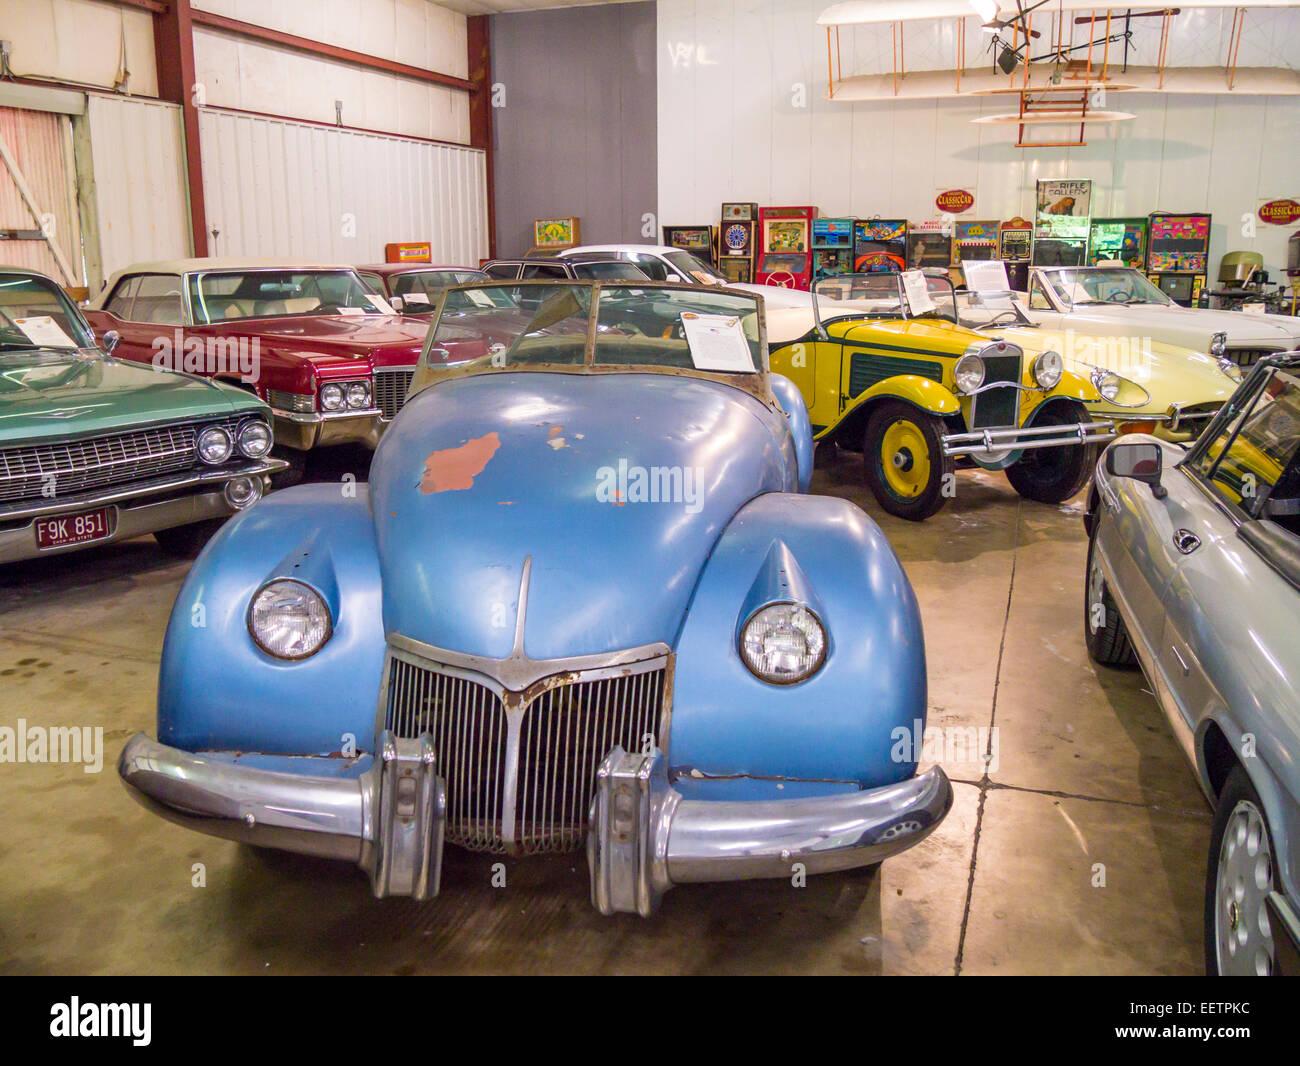 1947 Kurtis-Omohundro Comet car on display inside the ...